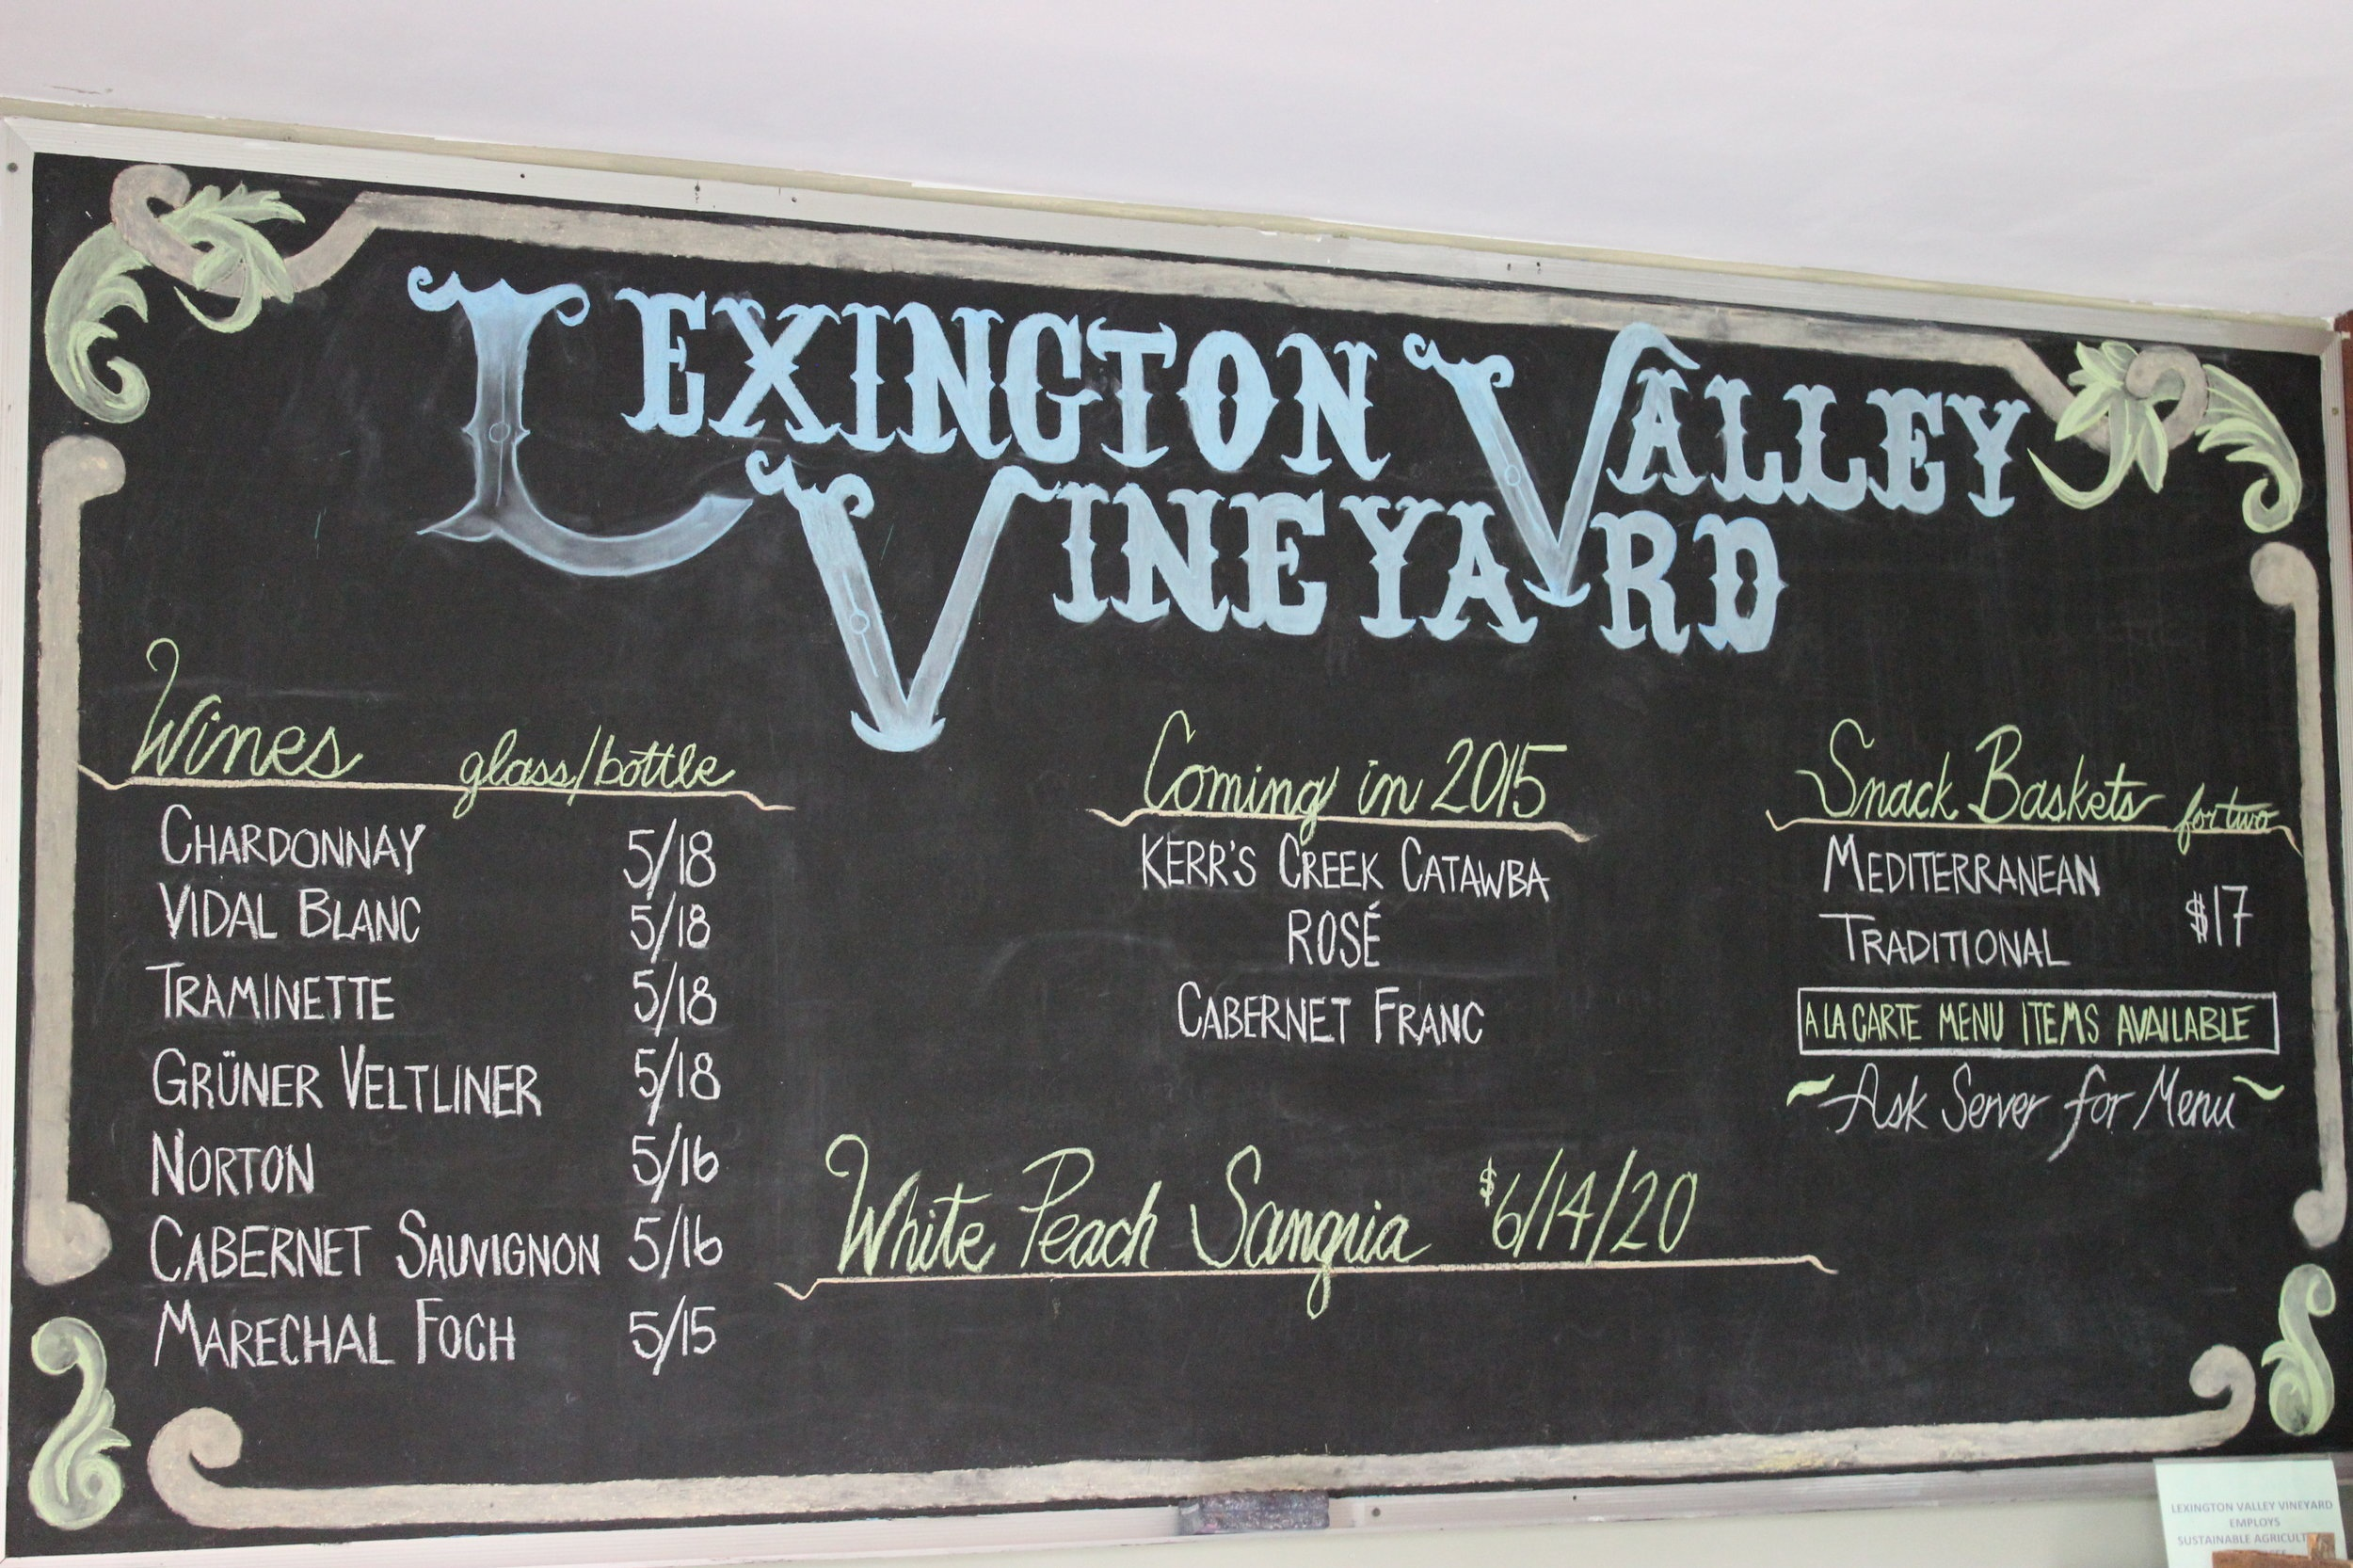 Lexington Valley Vineyard